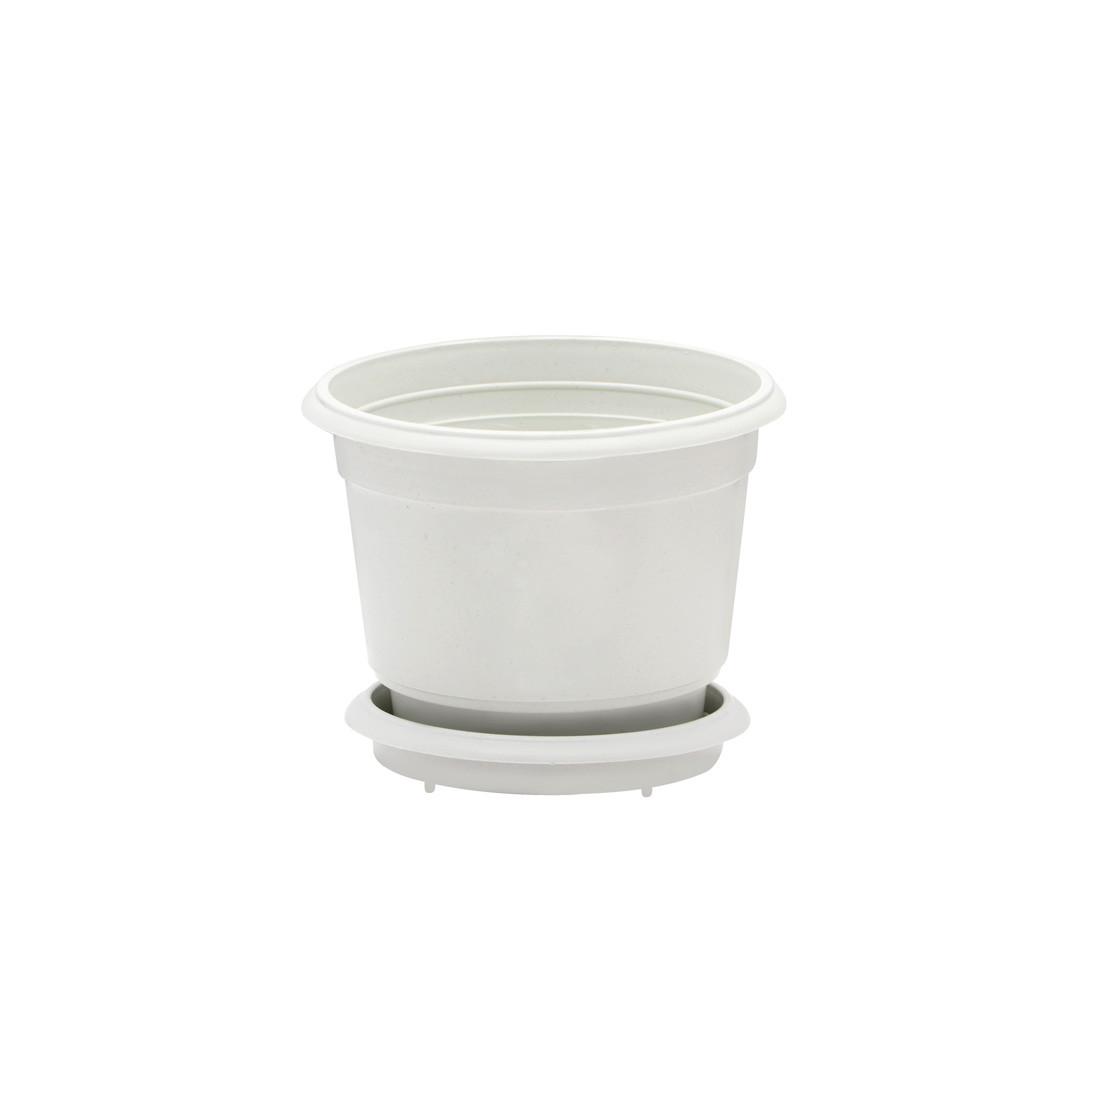 Горщик квітковий D 8 см білий Юнипласт